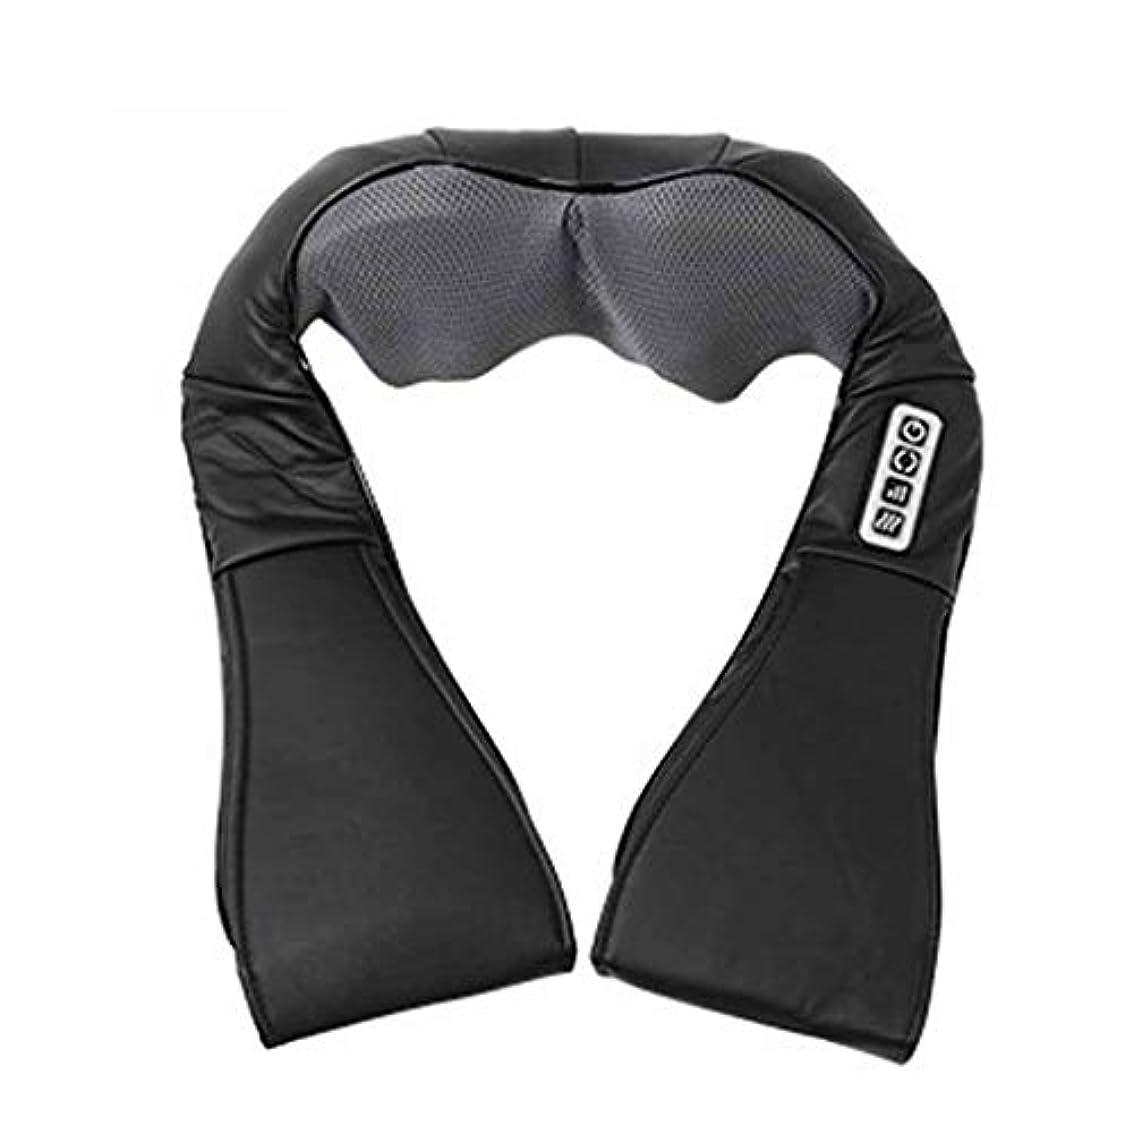 締める十億パラシュート指圧指圧ネック、肩、背中、脚、および足のマッサージ枕、黒